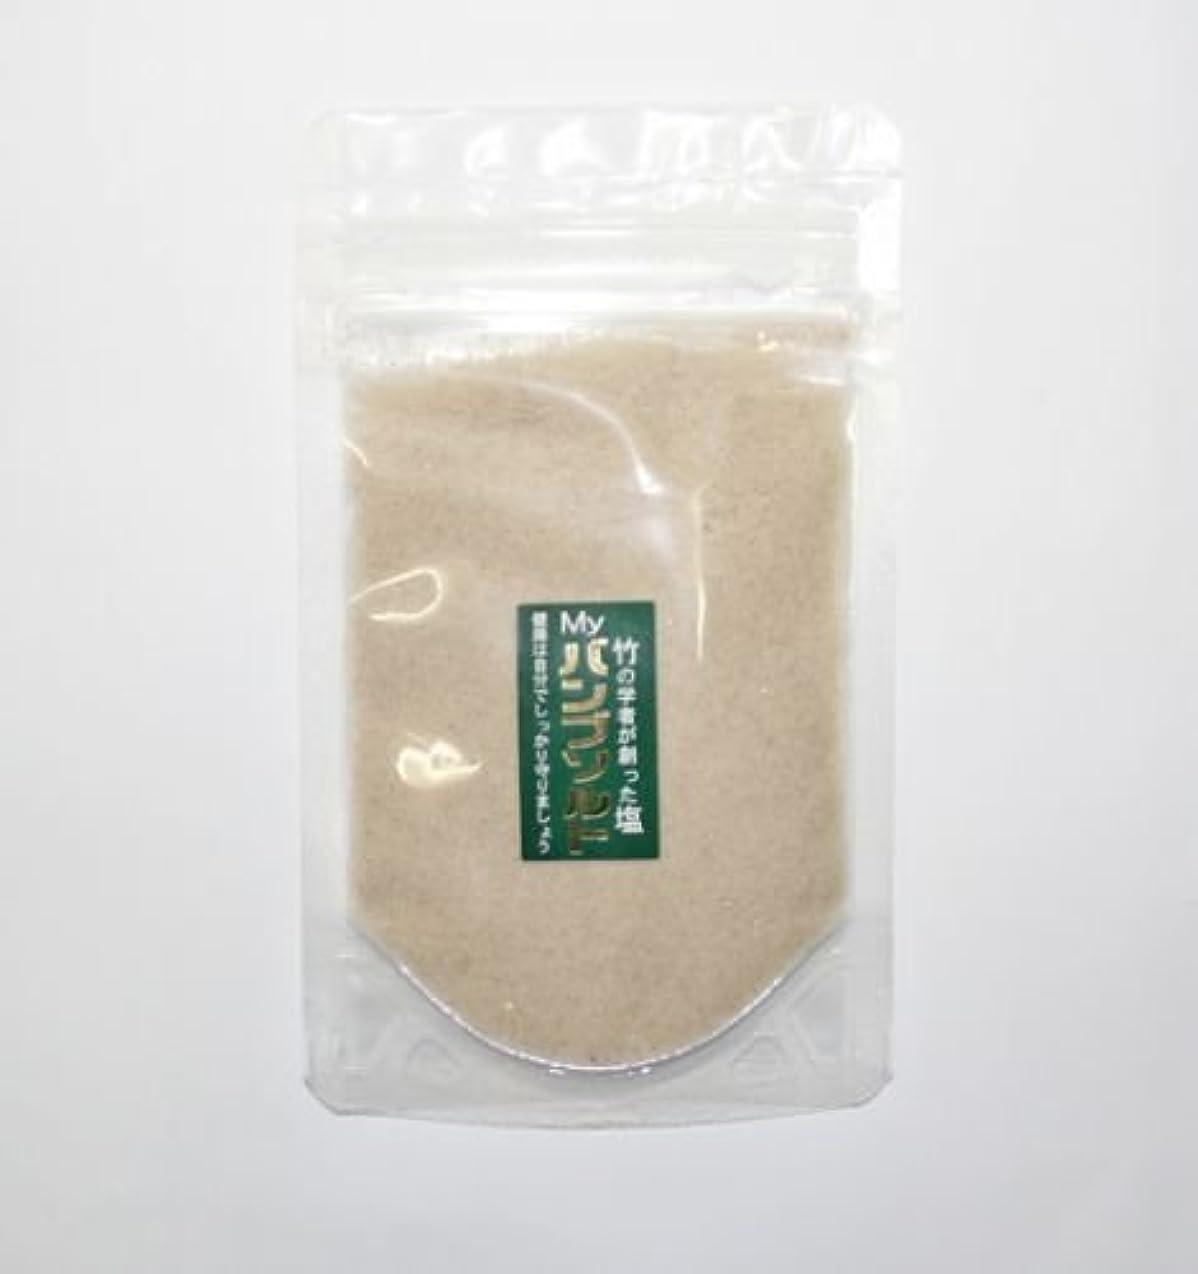 可塑性こんにちは出口バンブソルト詰め替え用(内容量:50g)